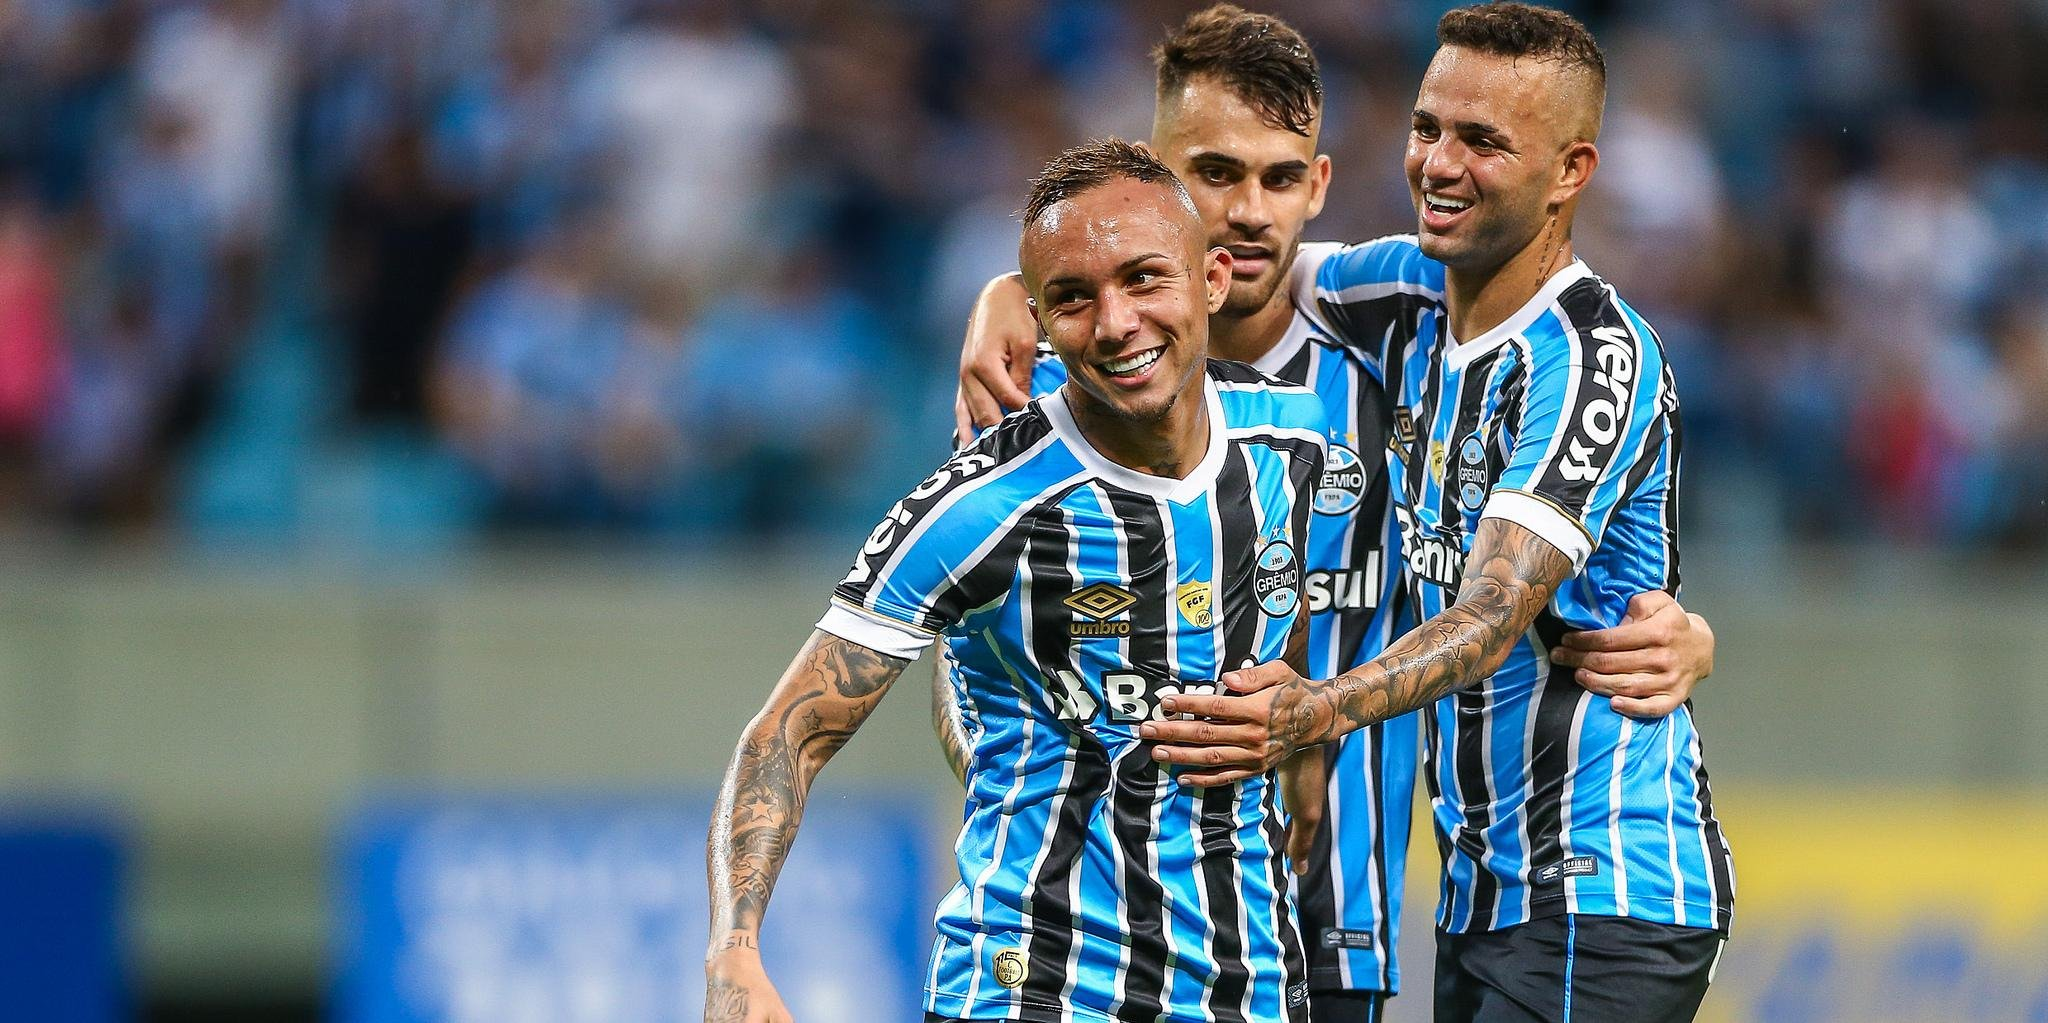 Grêmio pode confirmar melhor campanha do Gauchão na próxima rodada